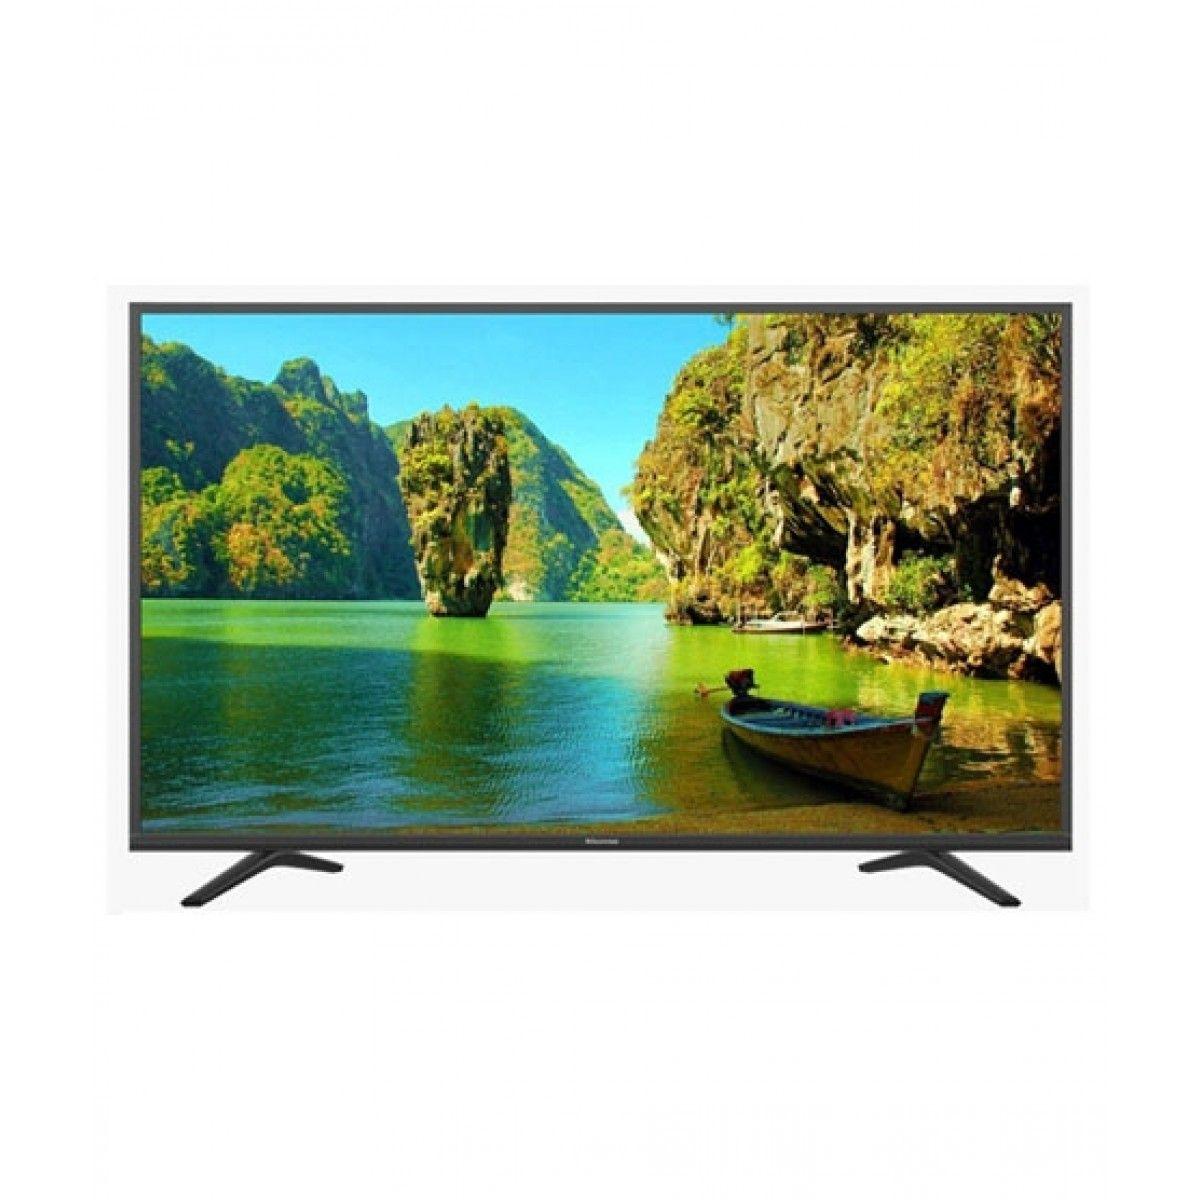 """Hisense 49"""" Full HD LED TV (49M2160)"""